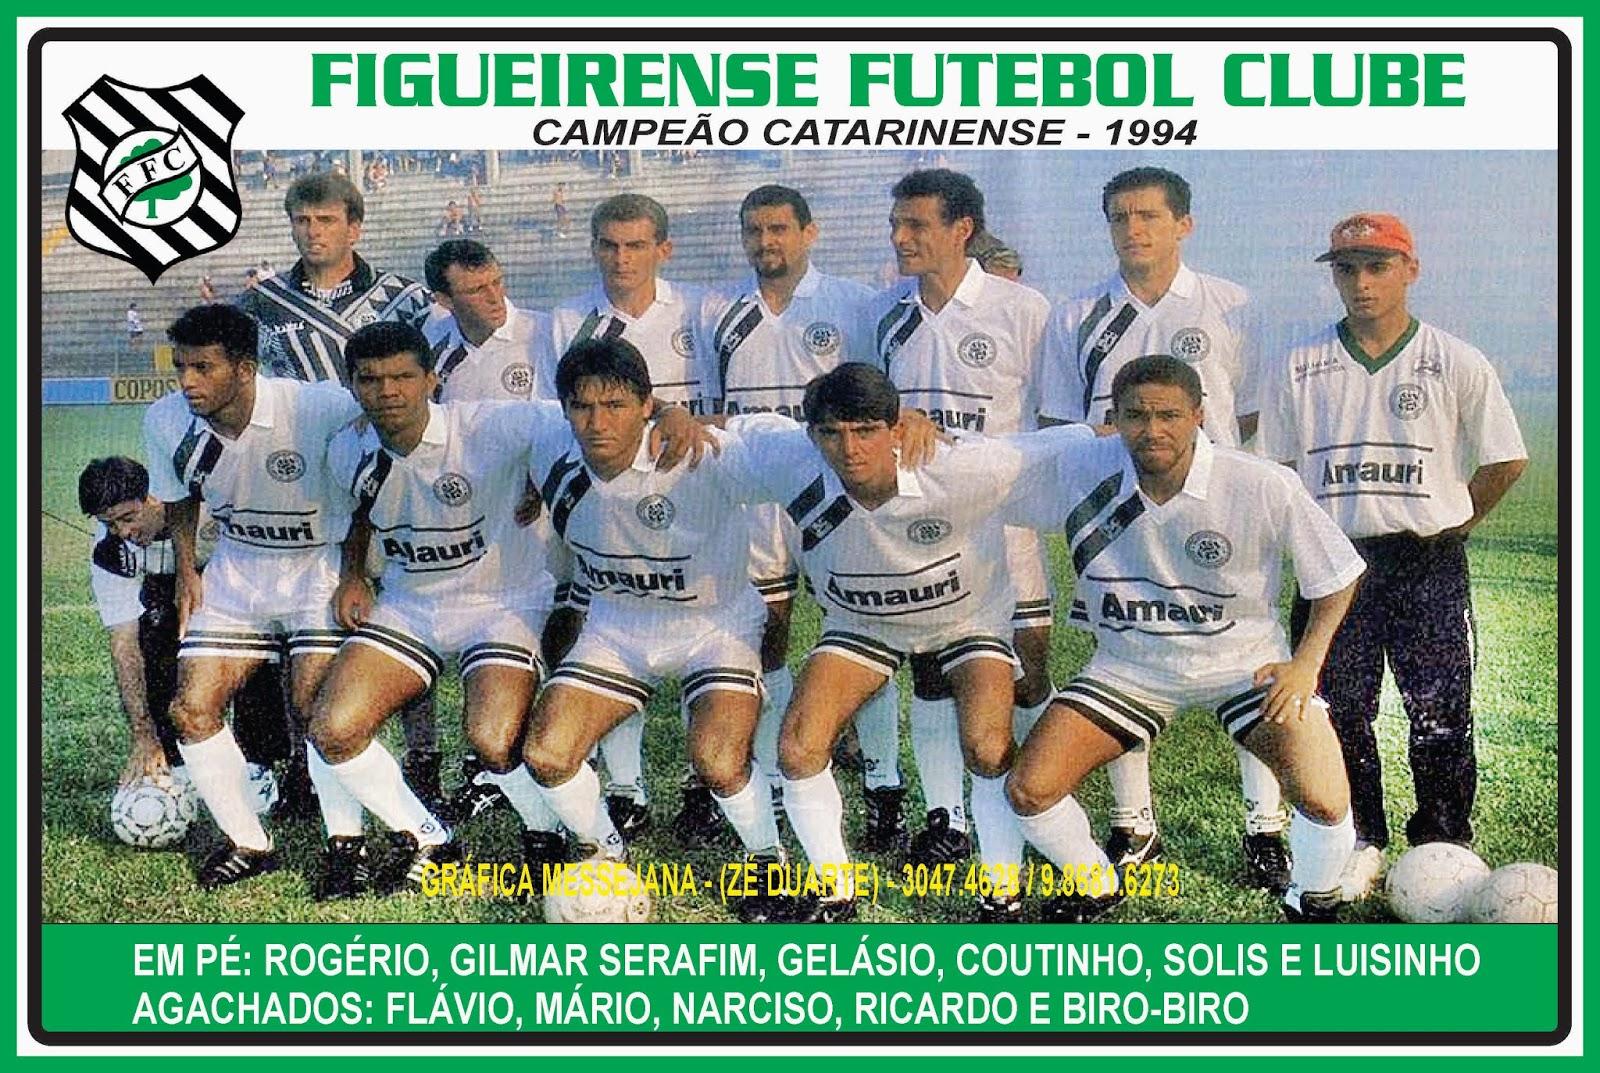 d334fa38b4 Blog do Zé Duarte  Figueirense Futebol Clube